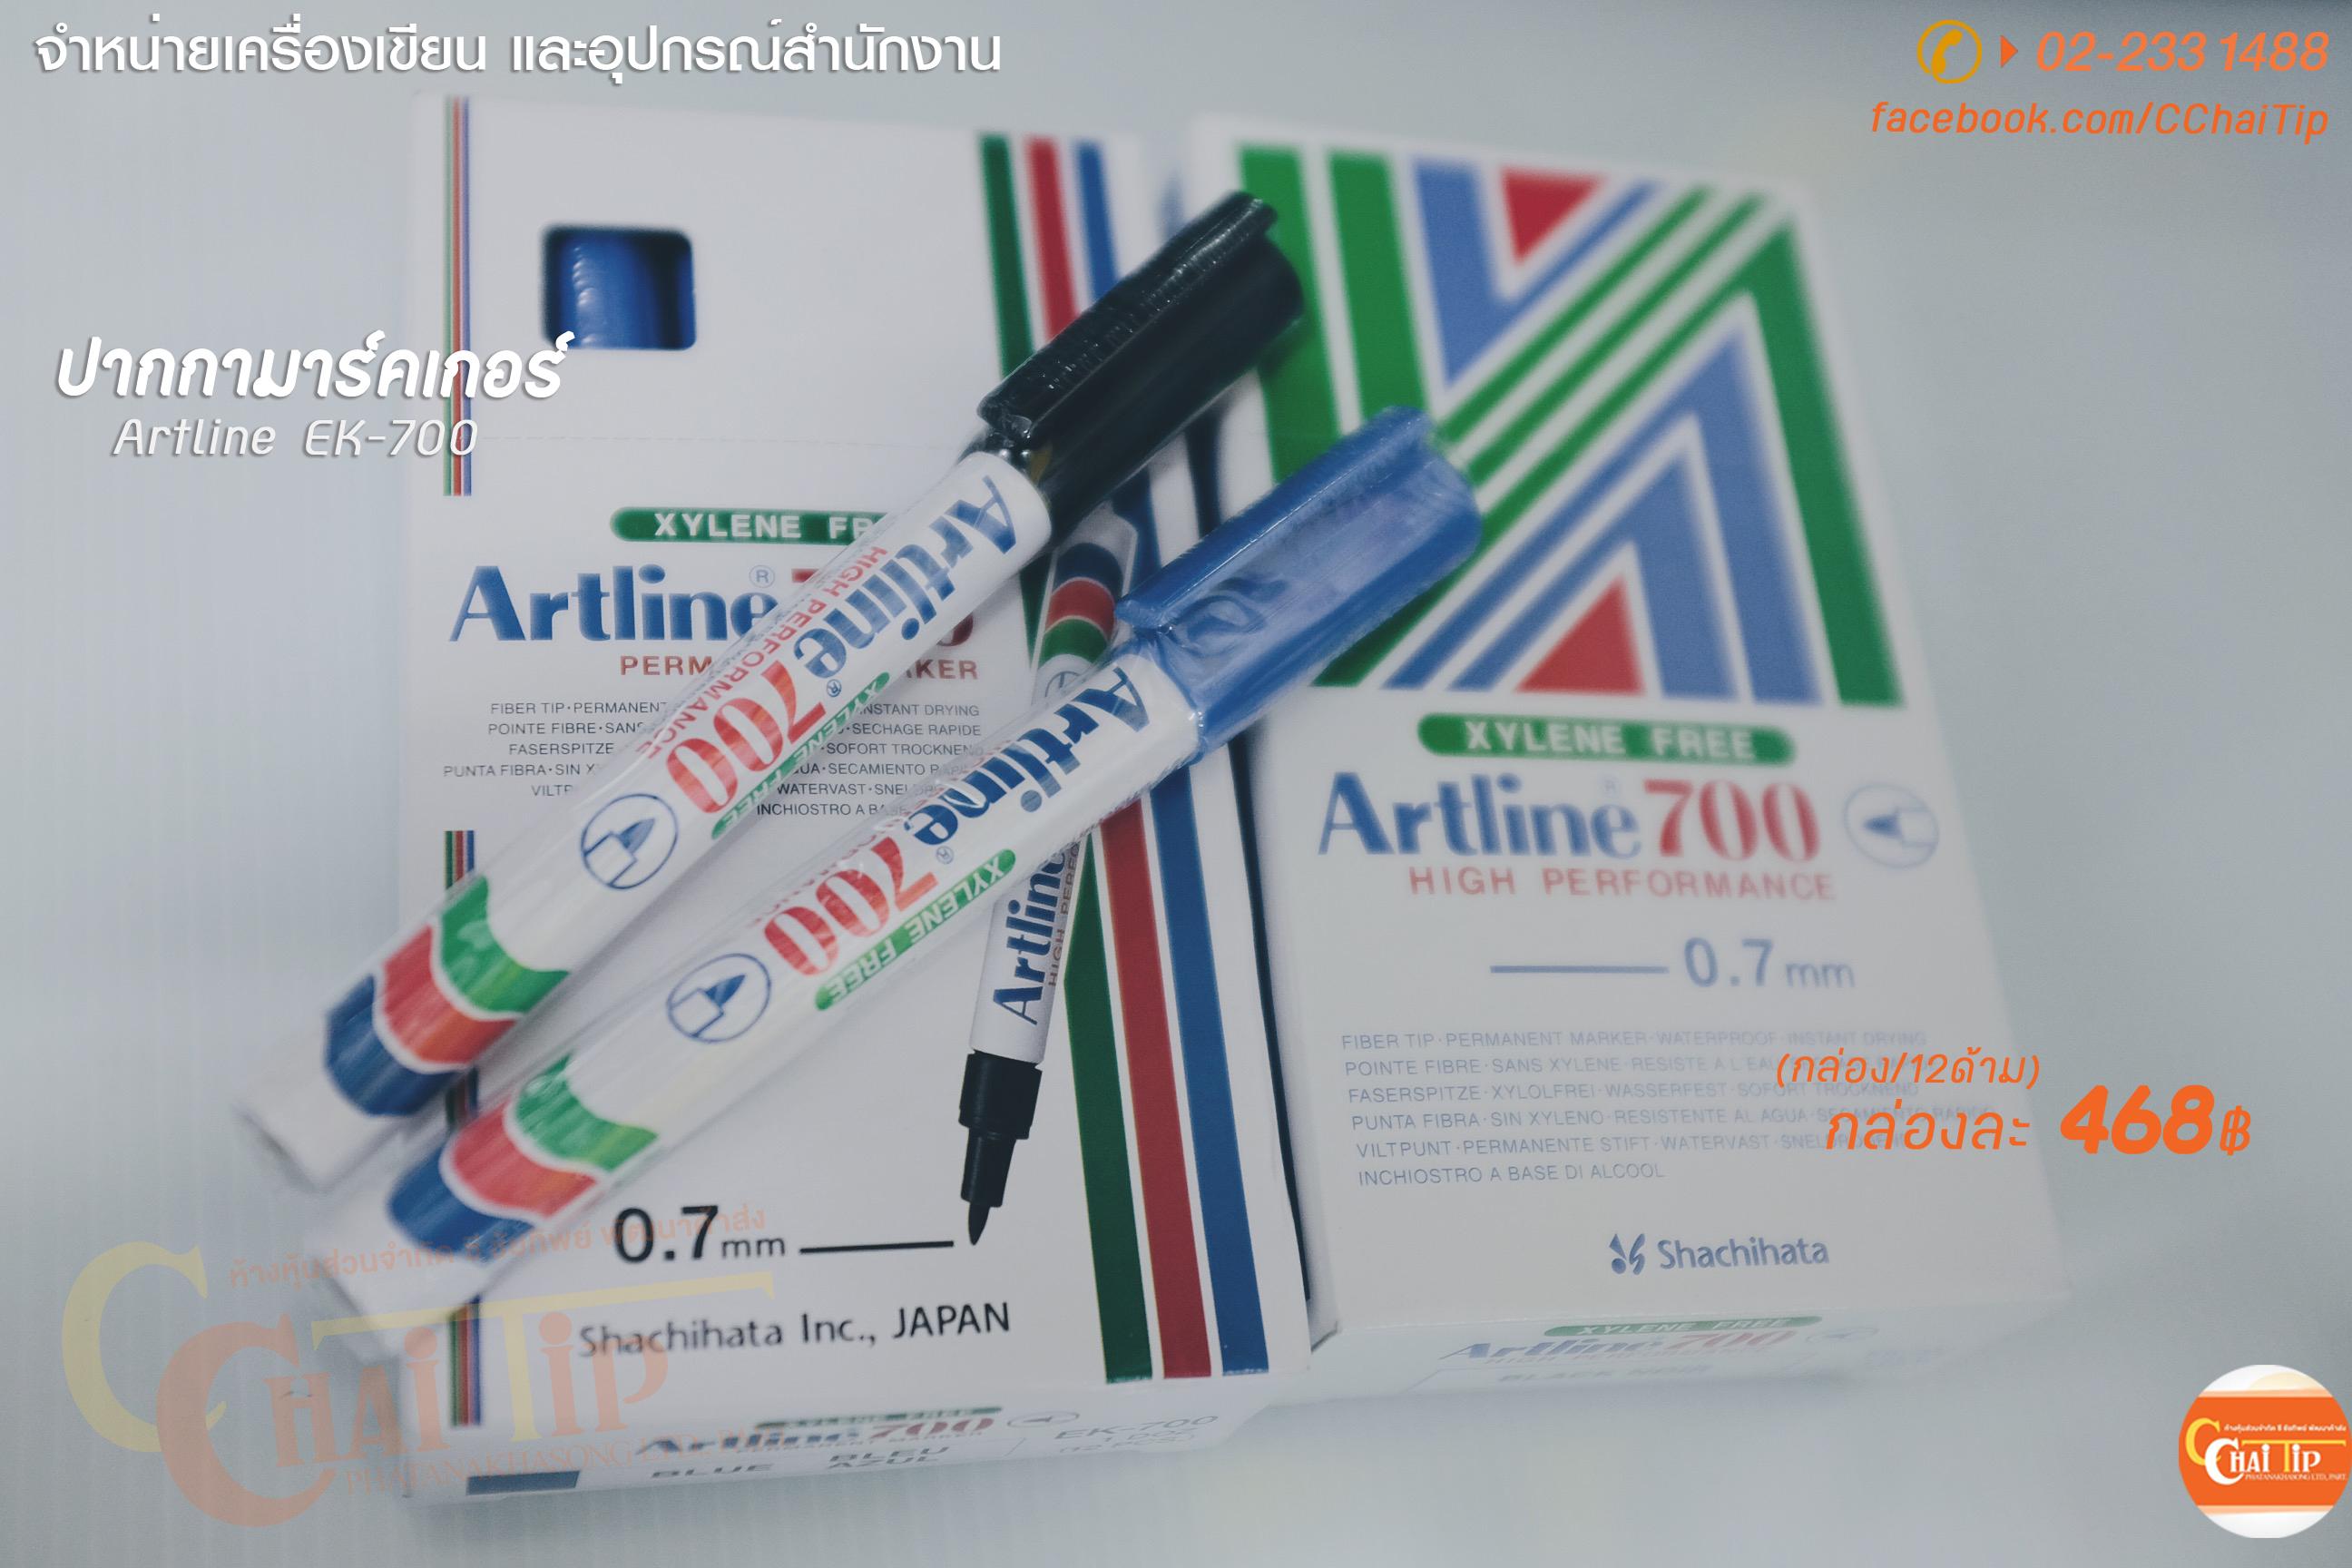 ปากกามาร์คเกอร์ Artline EK-700 0.7 mm (กล่อง/12ด้าม)